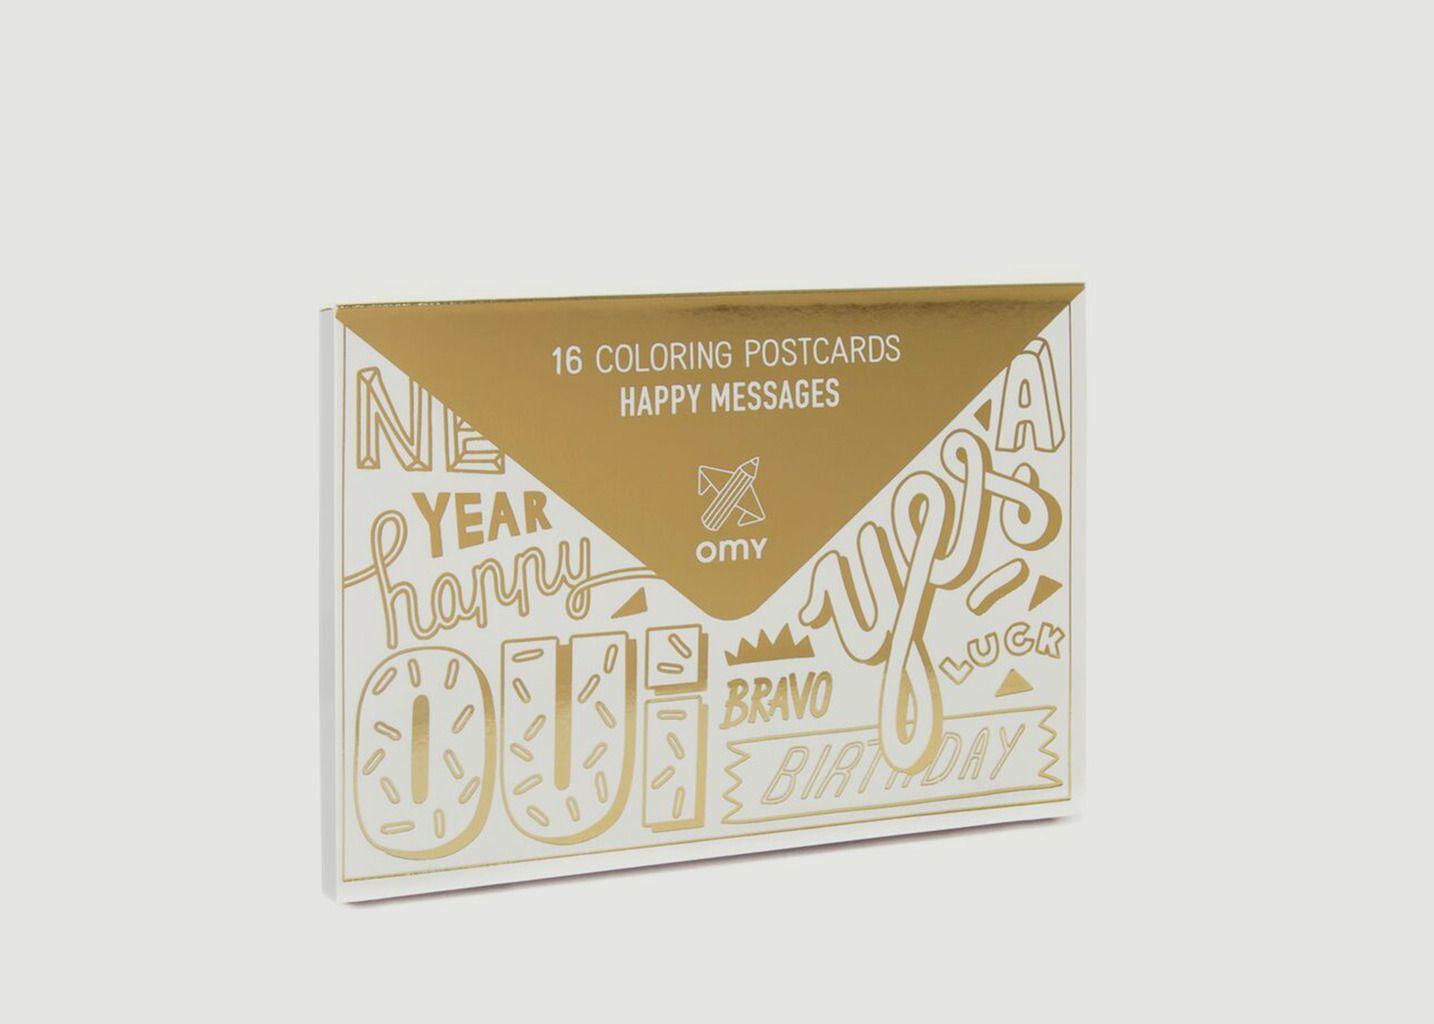 16 Cartes Postales à Colorier - Omy